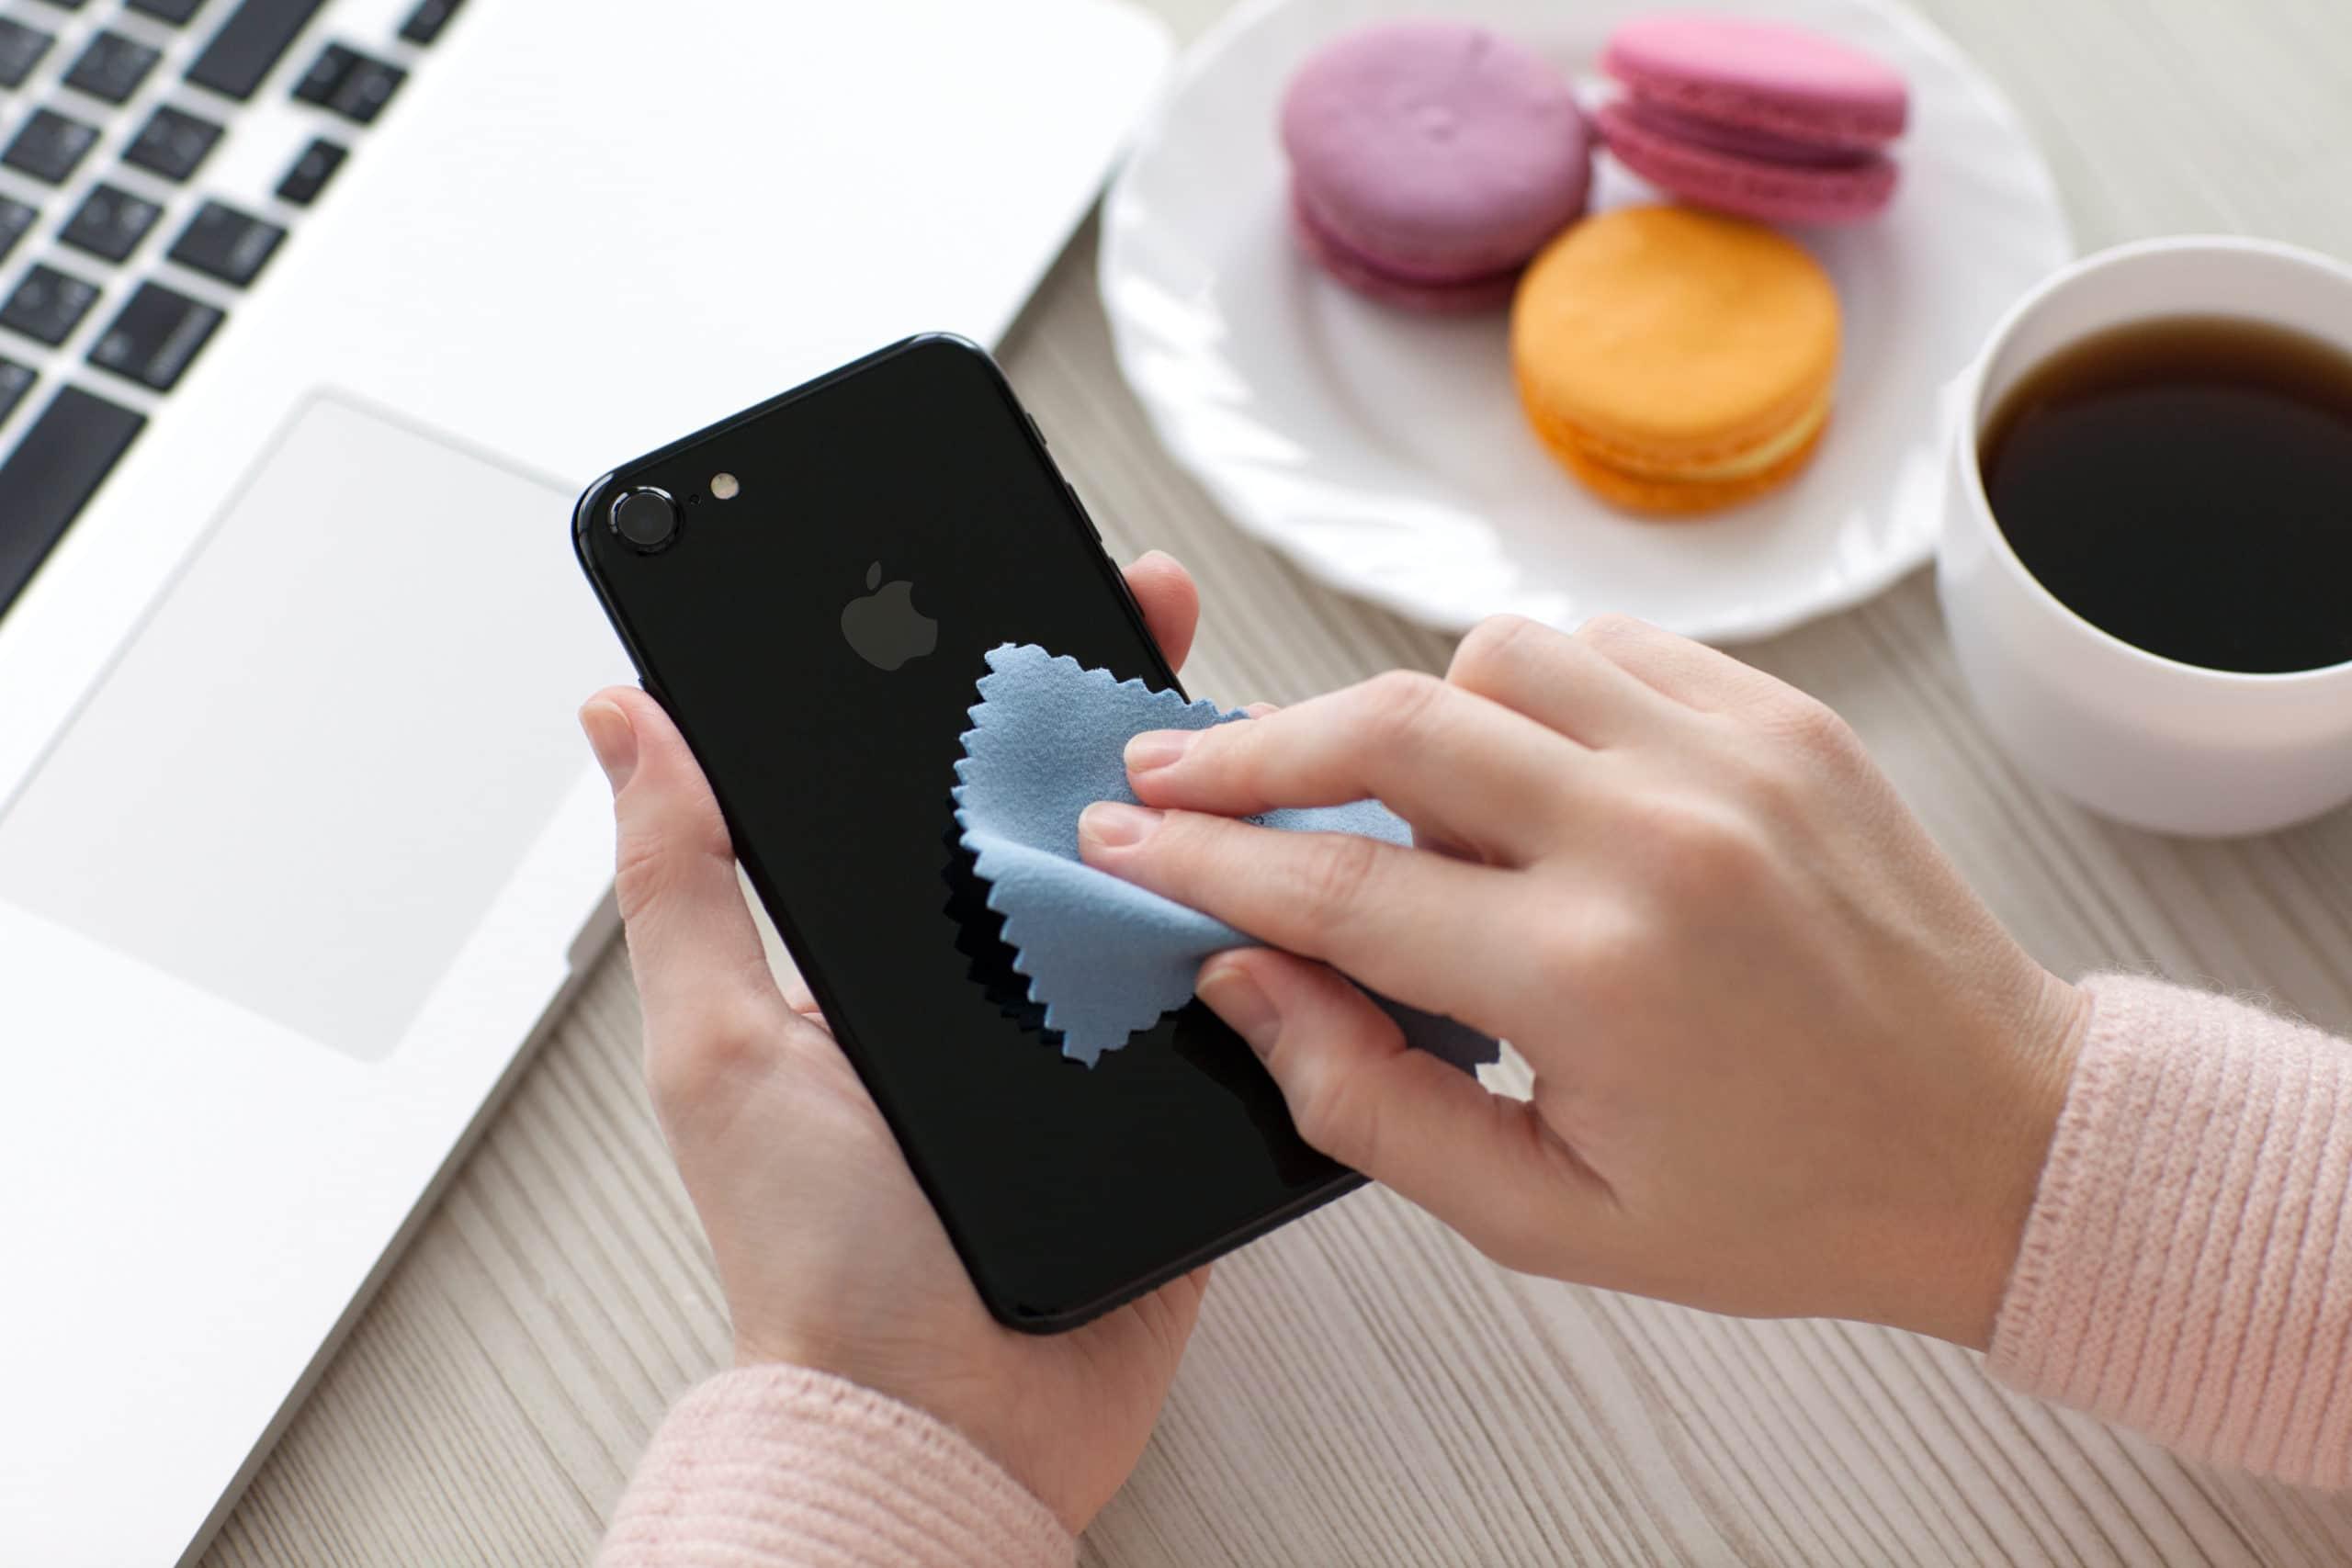 iPhone sendo limpado com paninho